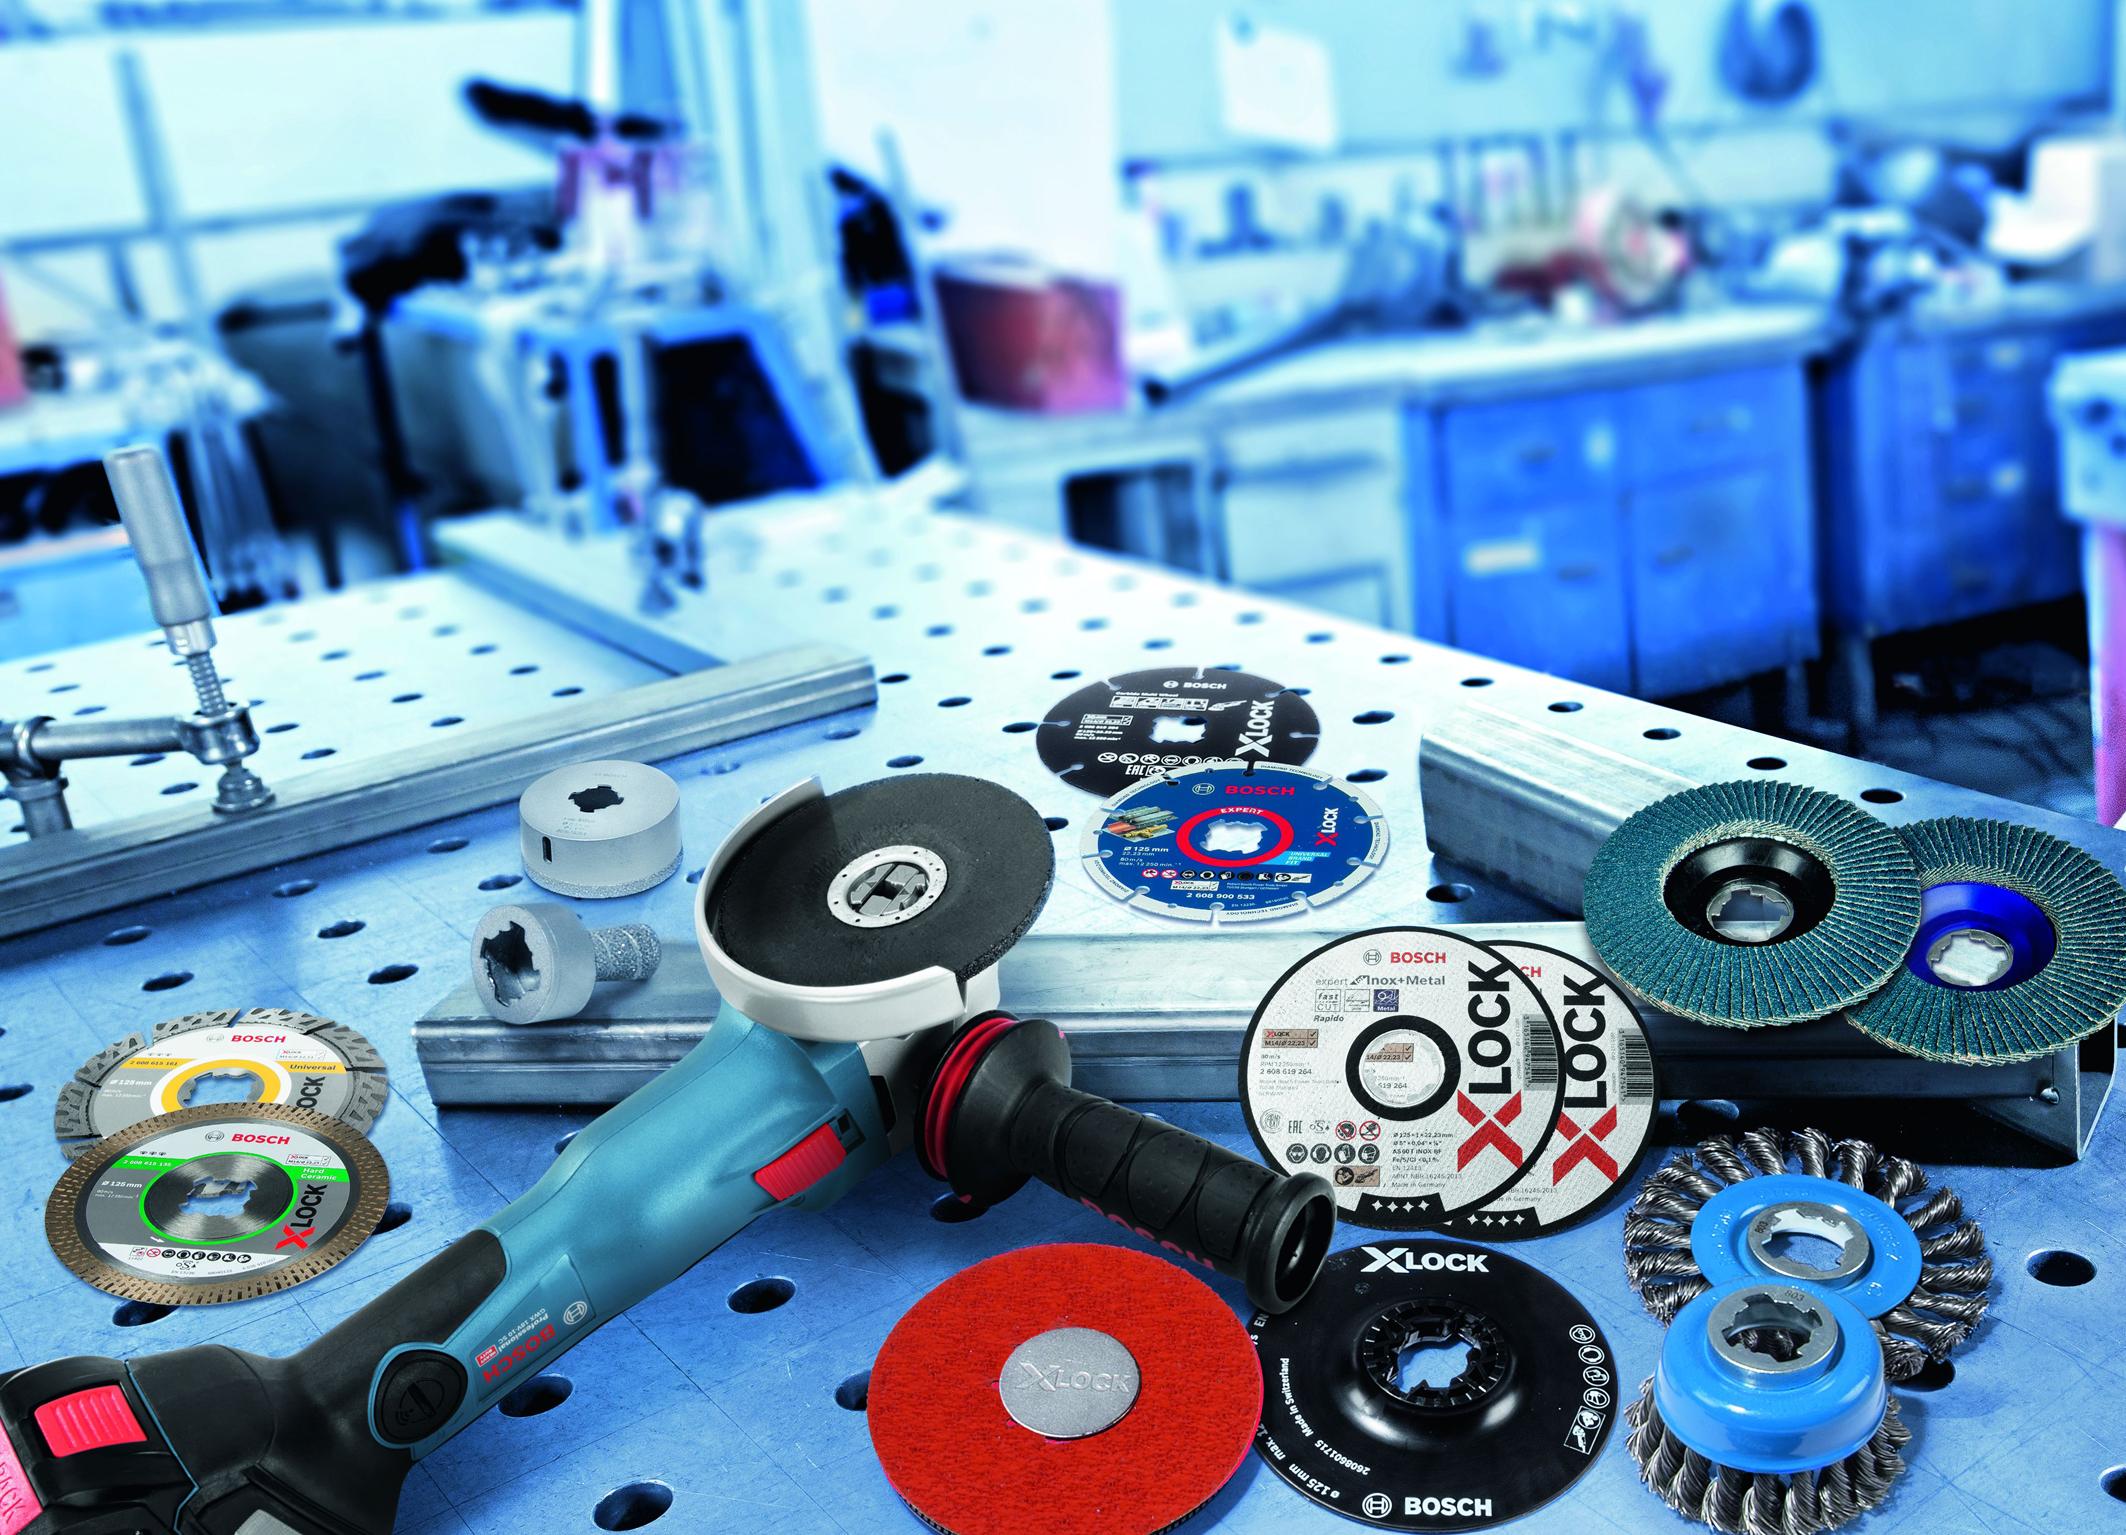 Weltneuheit X-Lock von Bosch für Profis:  Umfassendes Zubehör-Programm für jede Anwendung